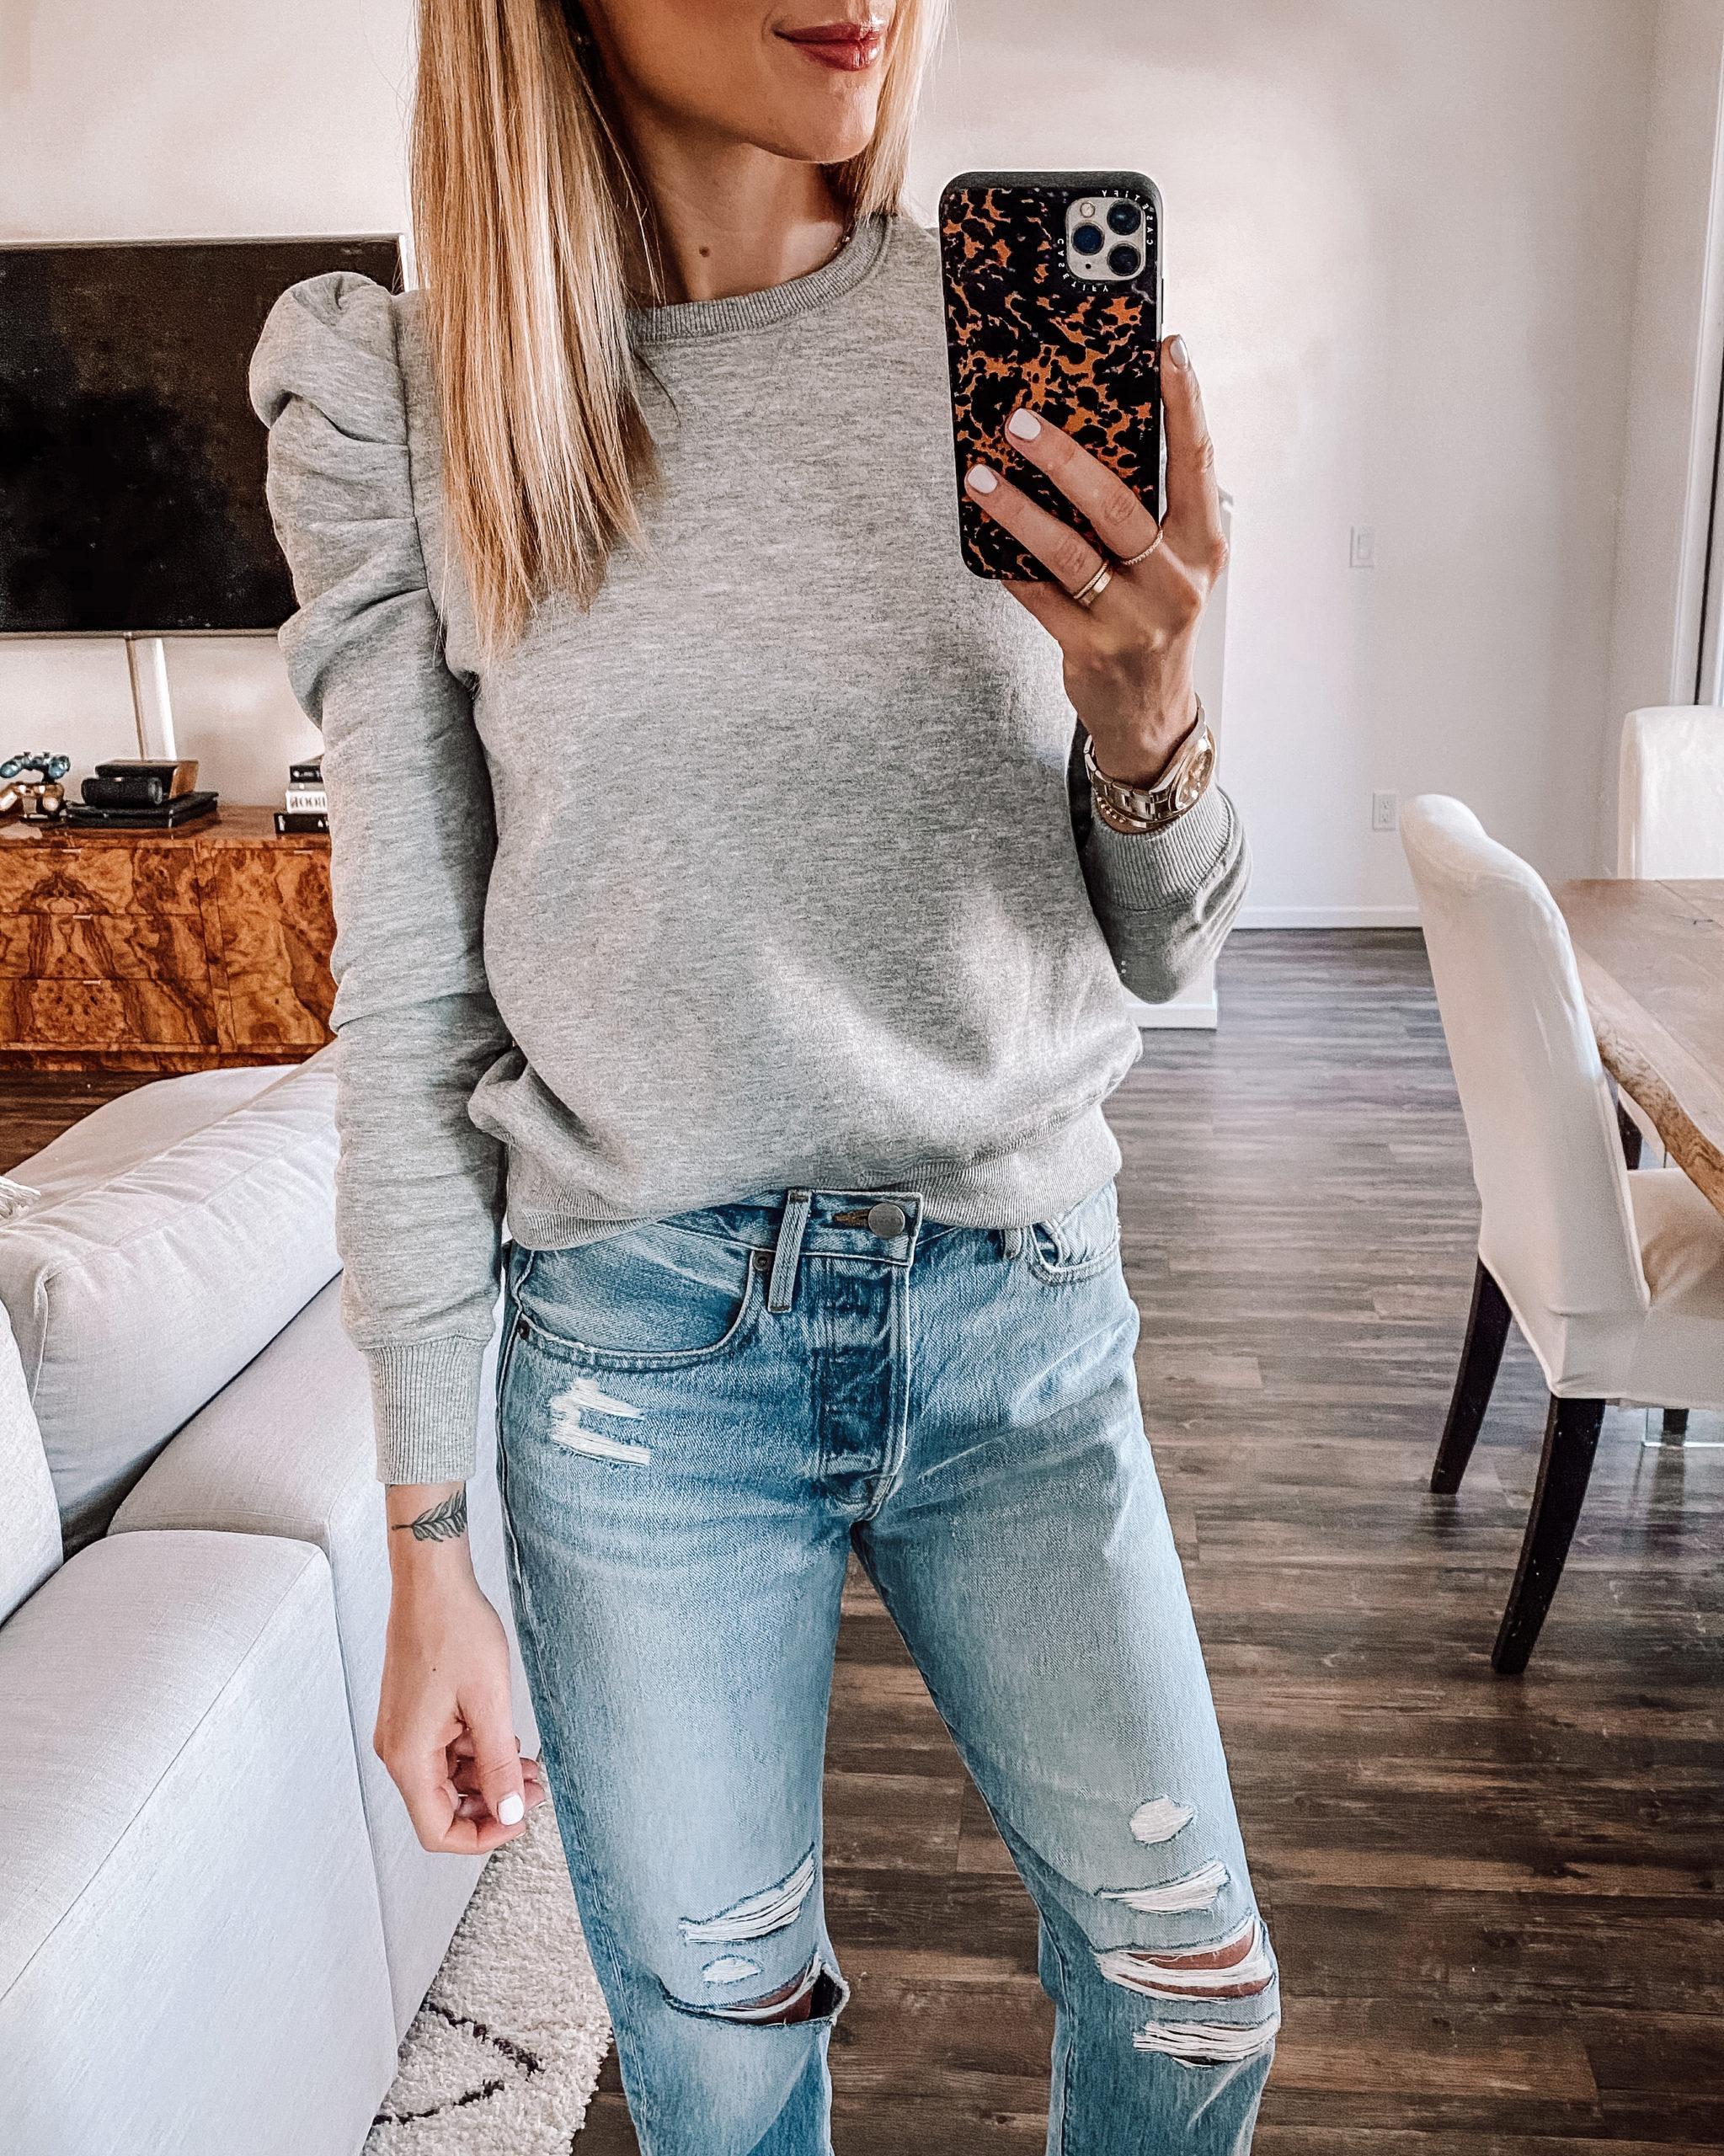 Fashion Jackson Wearing Grey Puff Sleeve Sweatshirt